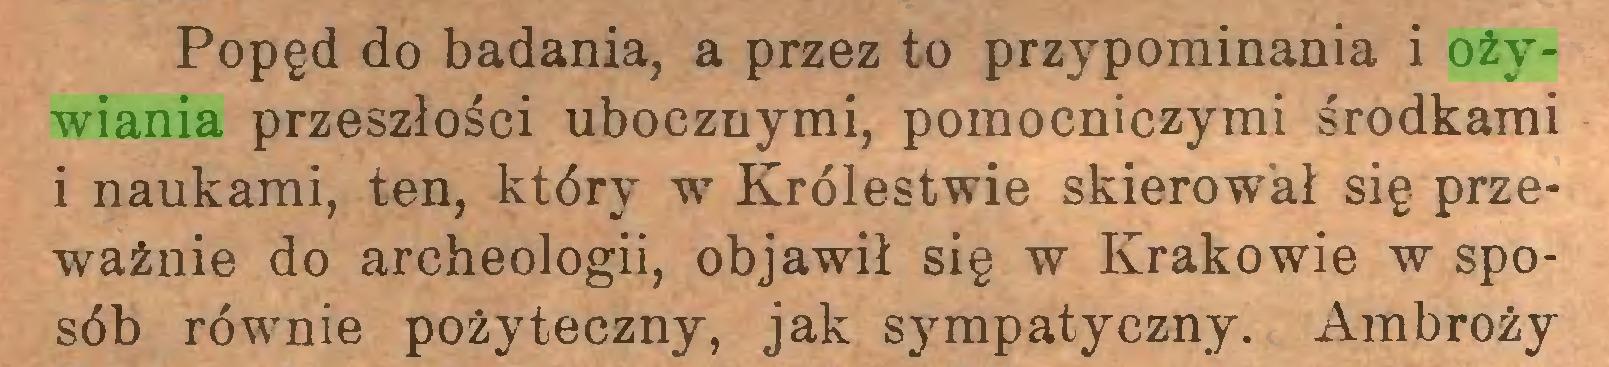 (...) Popęd do badania, a przez to przypominania i ożywiania przeszłości ubocznymi, pomocniczymi środkami i naukami, ten, który w Królestwie skierował się przeważnie do archeologii, objawił się w Krakowie w sposób równie pożyteczny, jak sympatyczny. Ambroży...